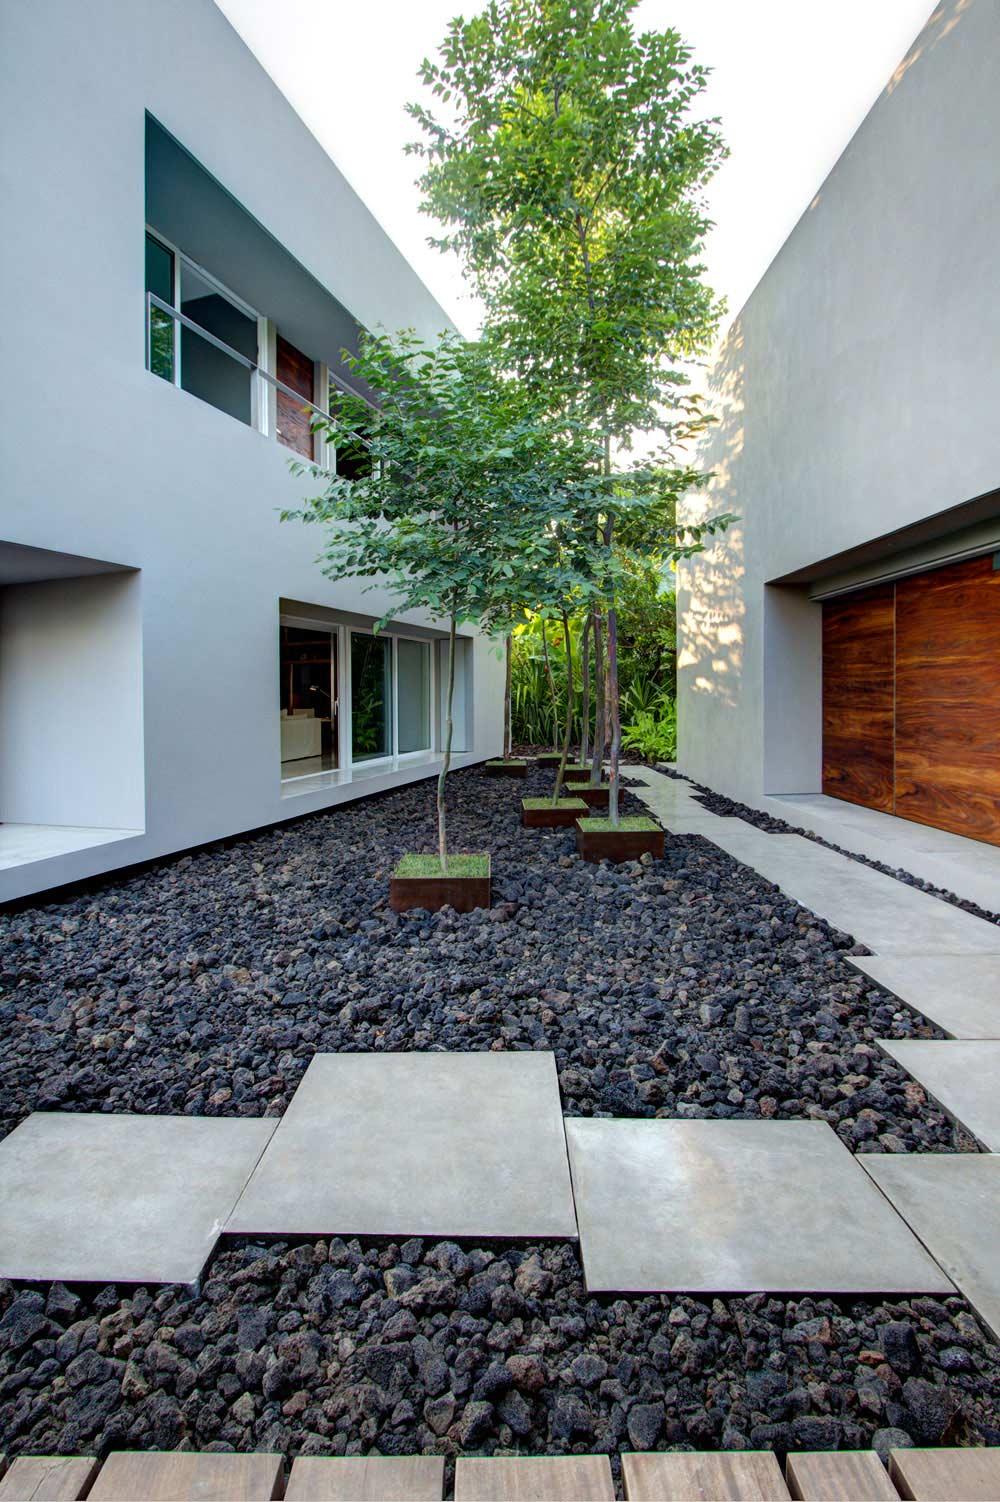 Garden Feature, Casa La Punta in Punta Mita, Mexico by Elías Rizo Arquitectos